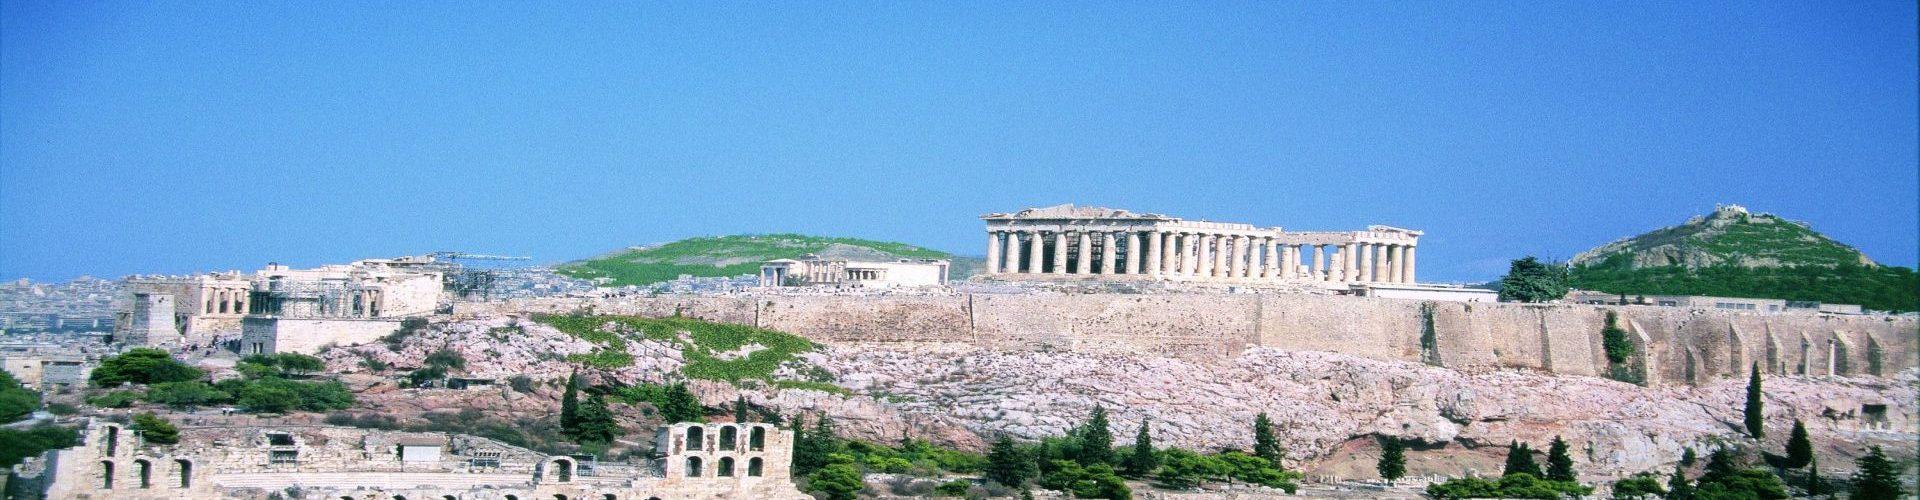 האקרופוליס באתונה, יוון